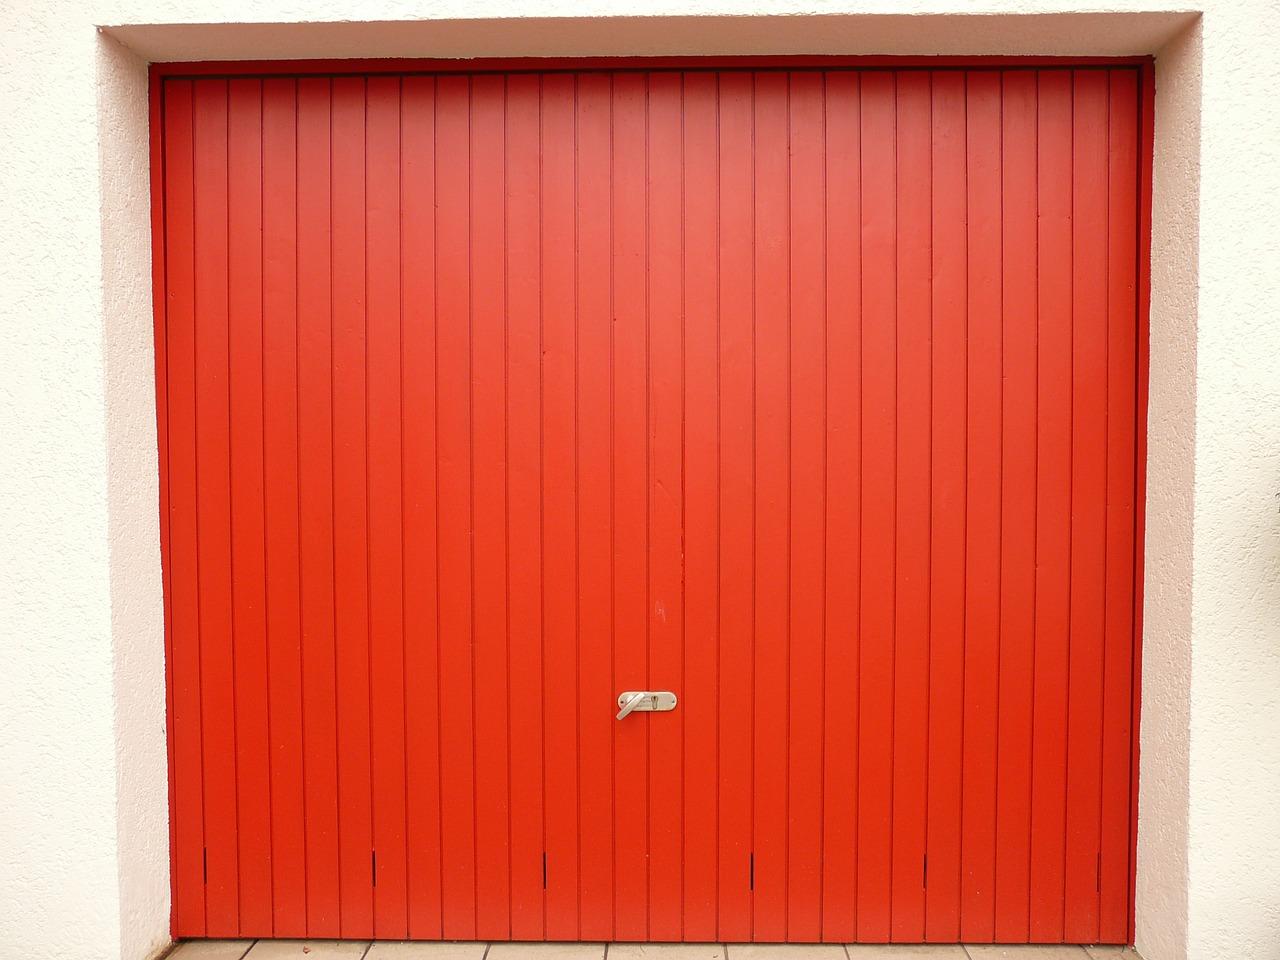 Quels sont les diff rents types de porte de garage la for Type de porte de garage